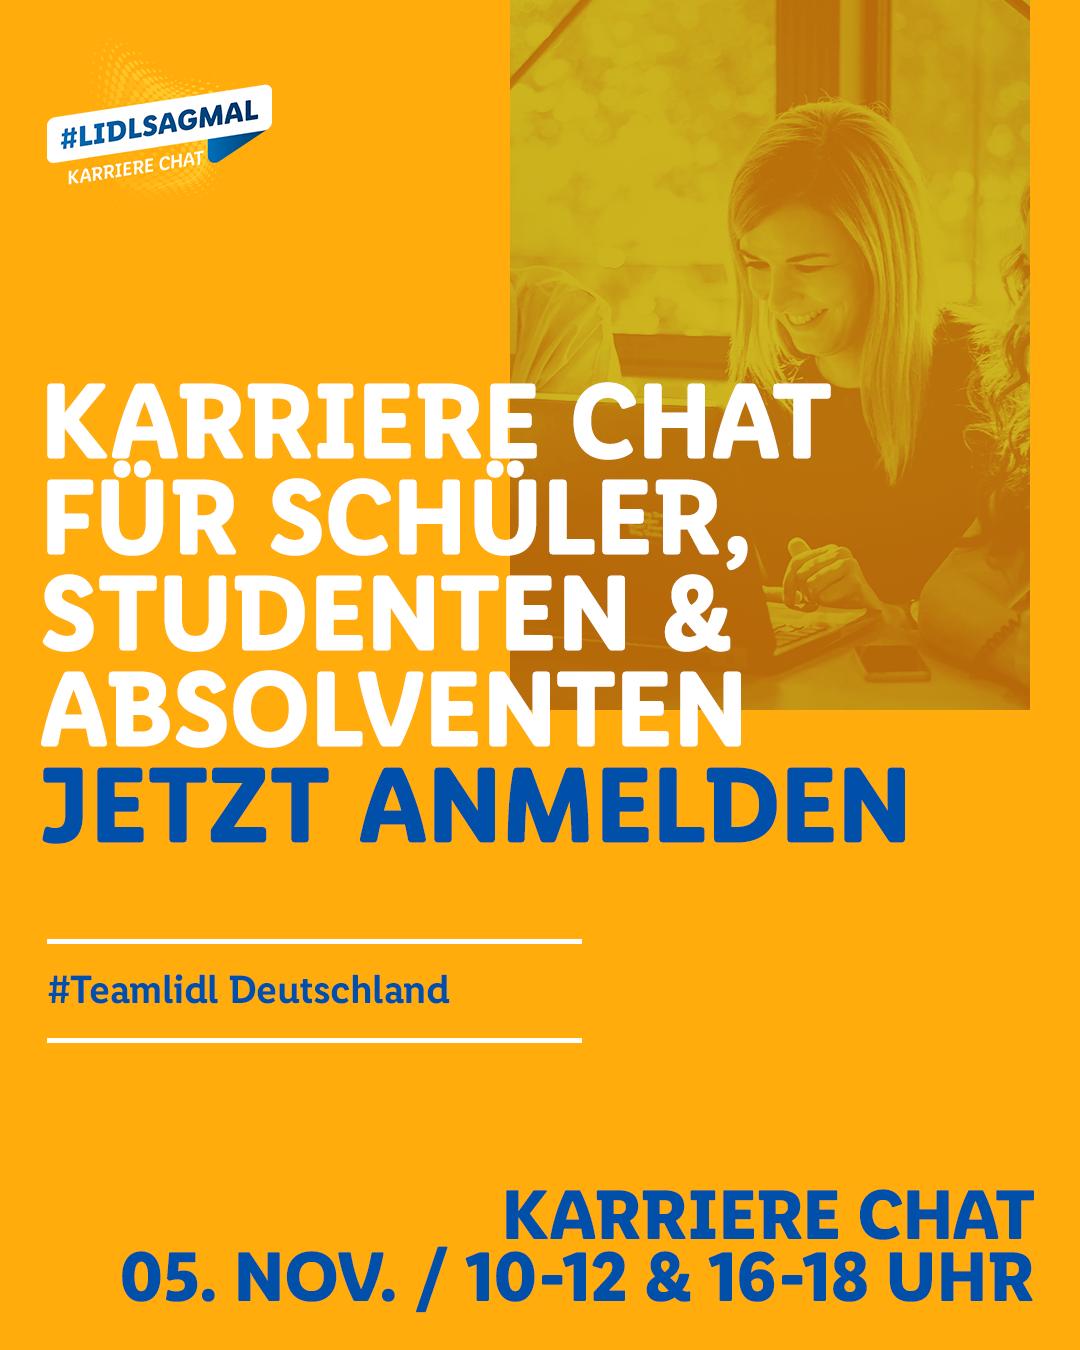 Lidl Karriere-Chat Studenten und Absolventen 05. November 2020